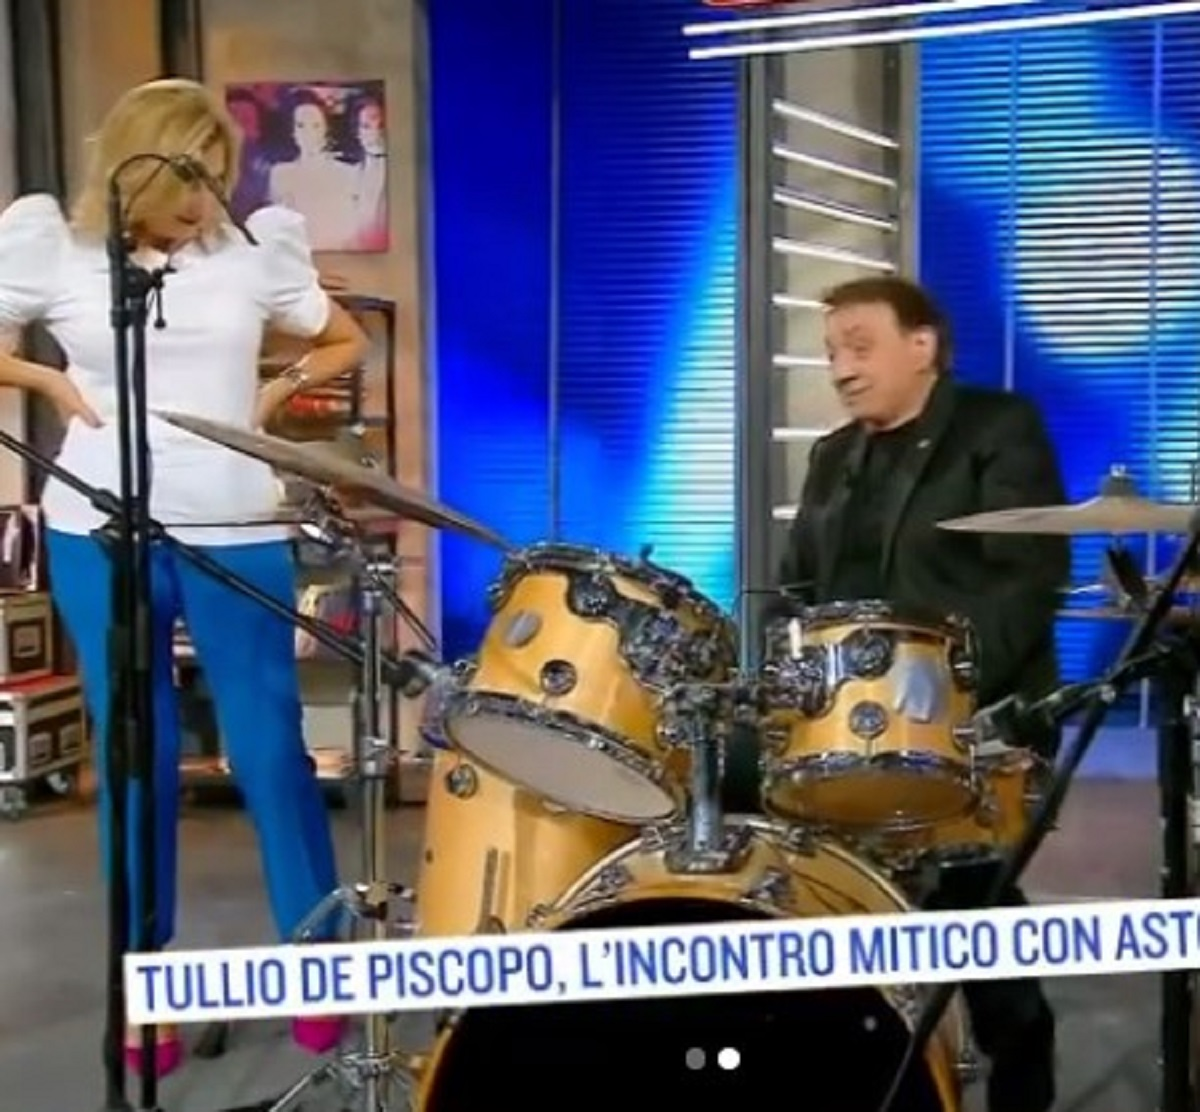 Tullio de Piscopo